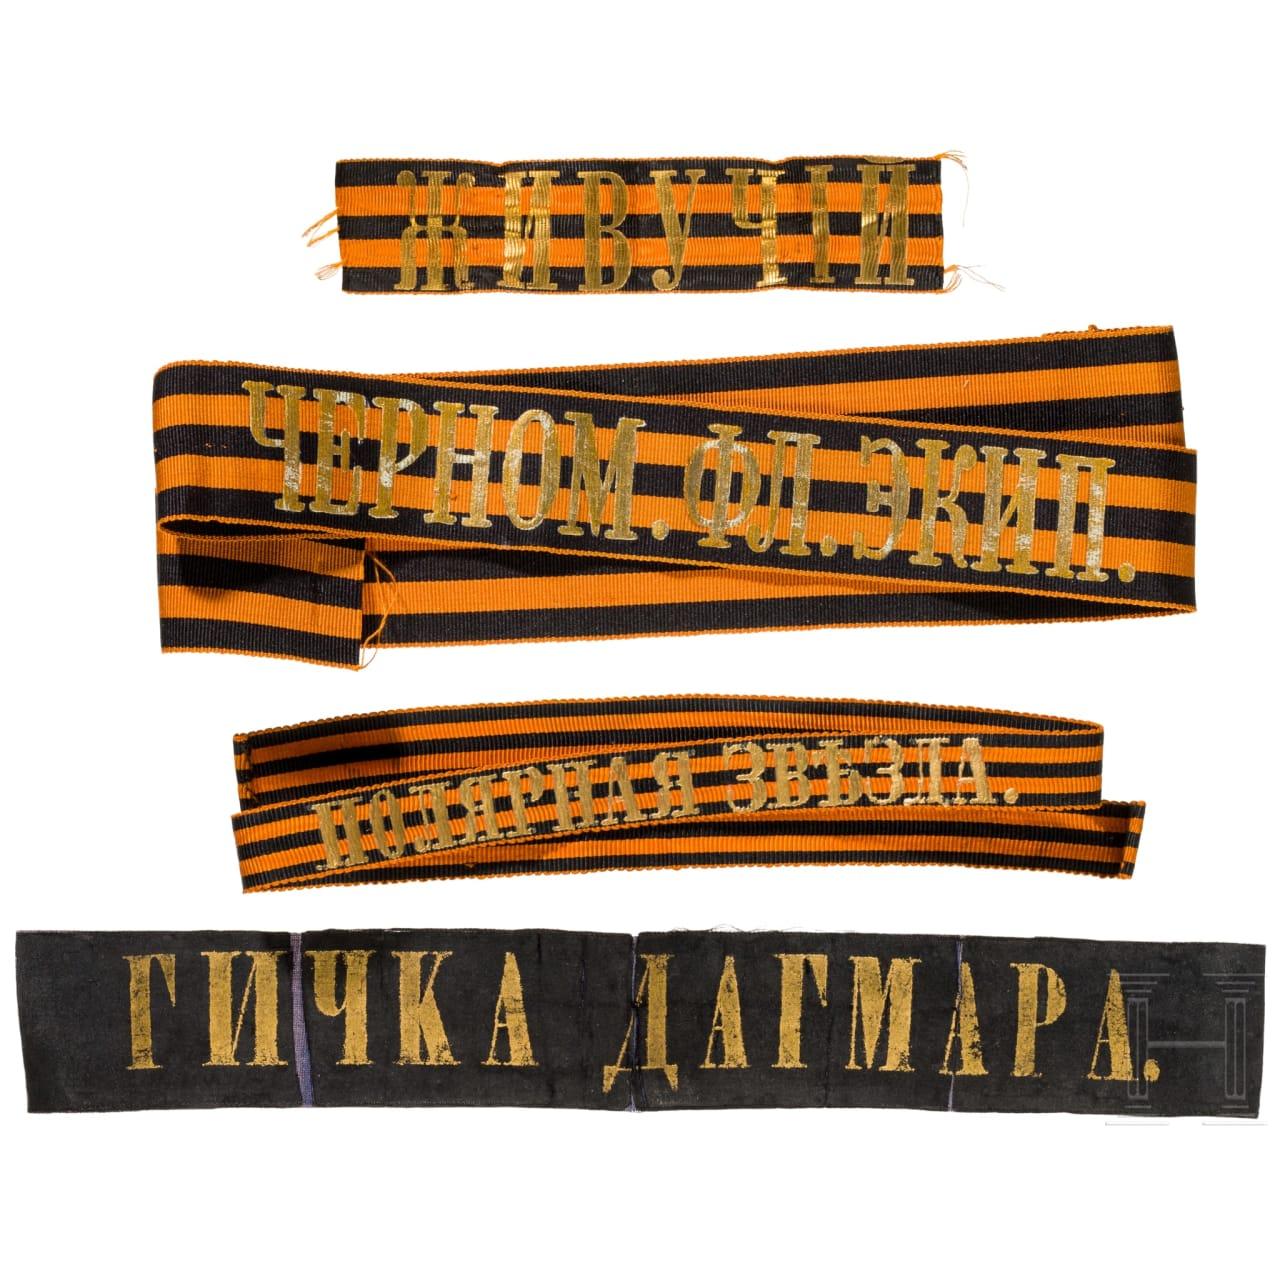 Vier Bänder für die Matrosenmützen, überwiegend zwischen 1870 – 1910